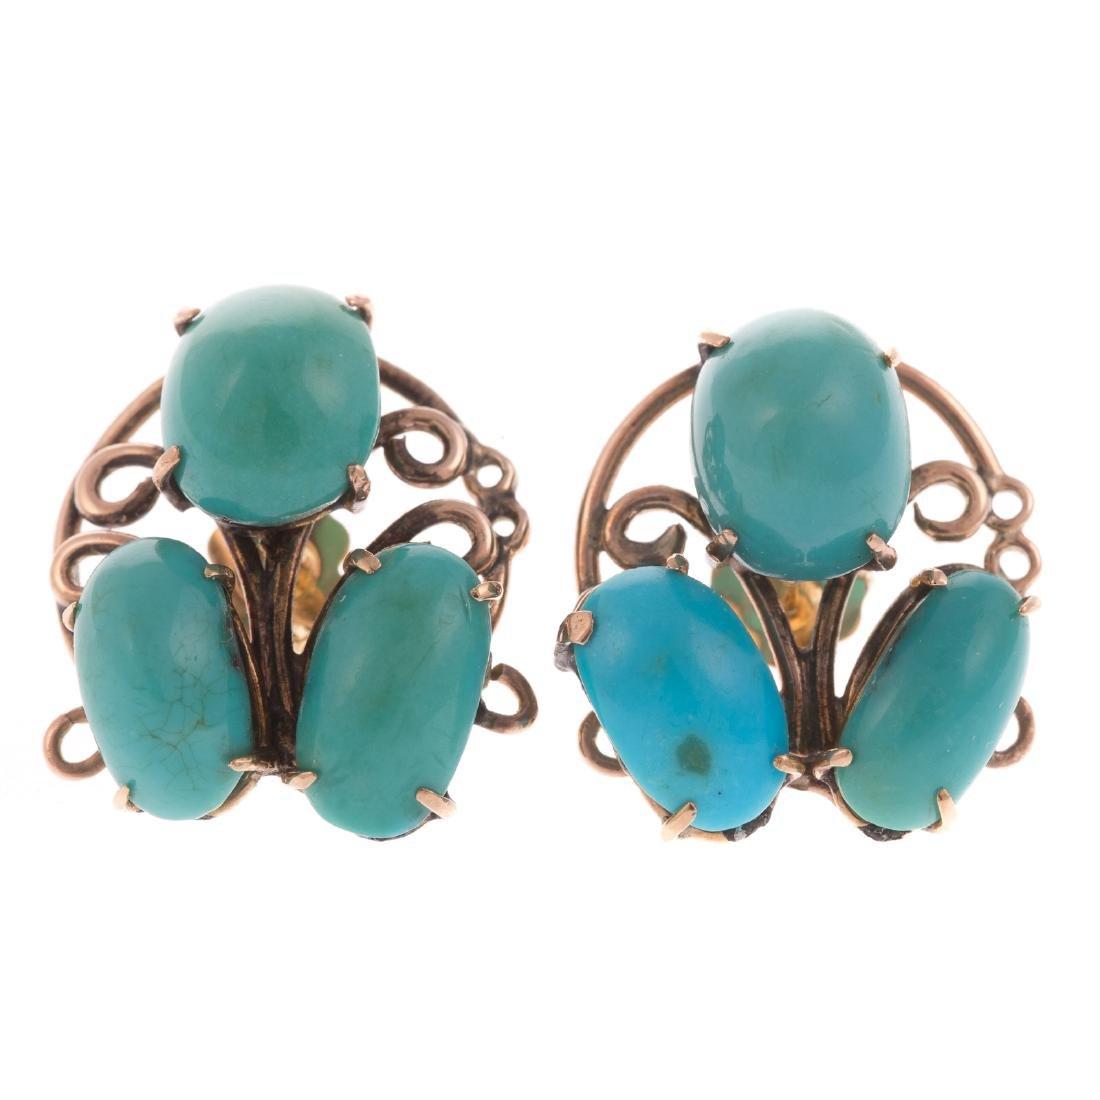 A Pair of Ladies 14K Turquoise Earrings